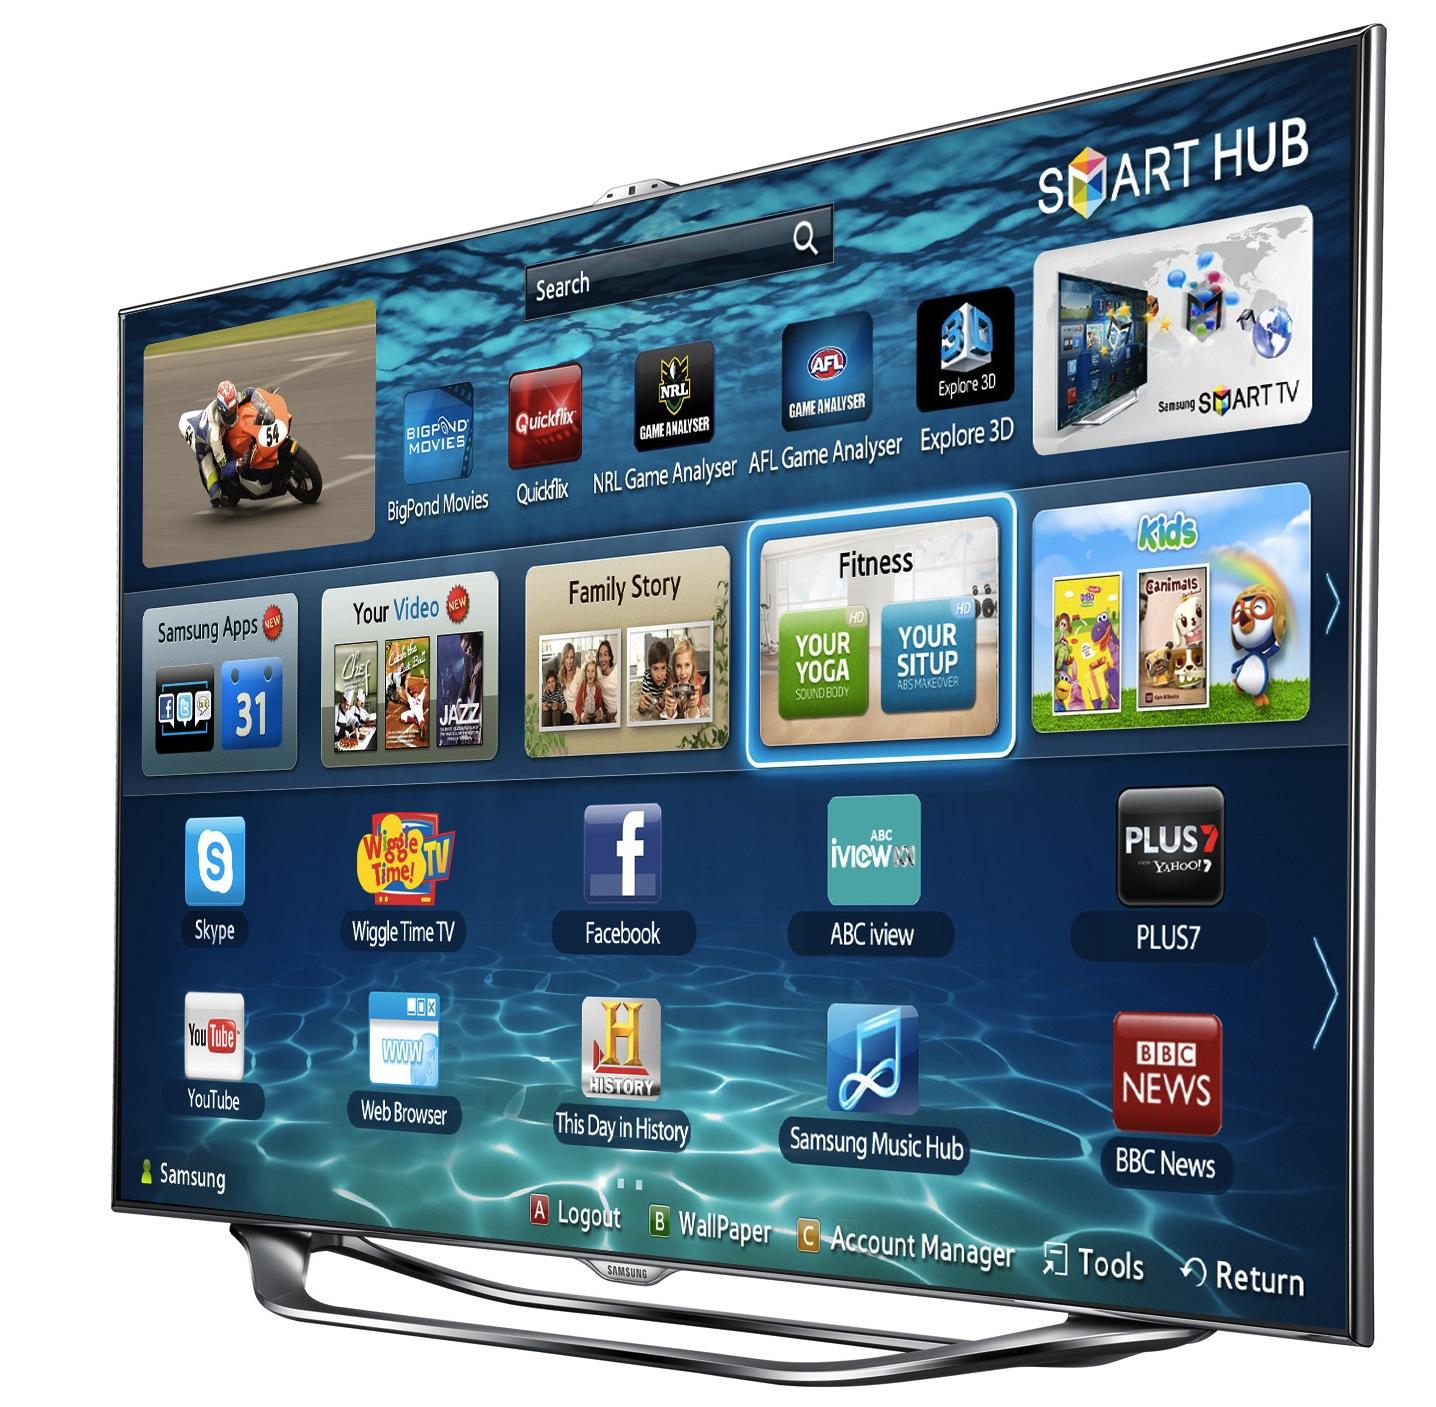 Samsung releases 2012 range of smart TVs